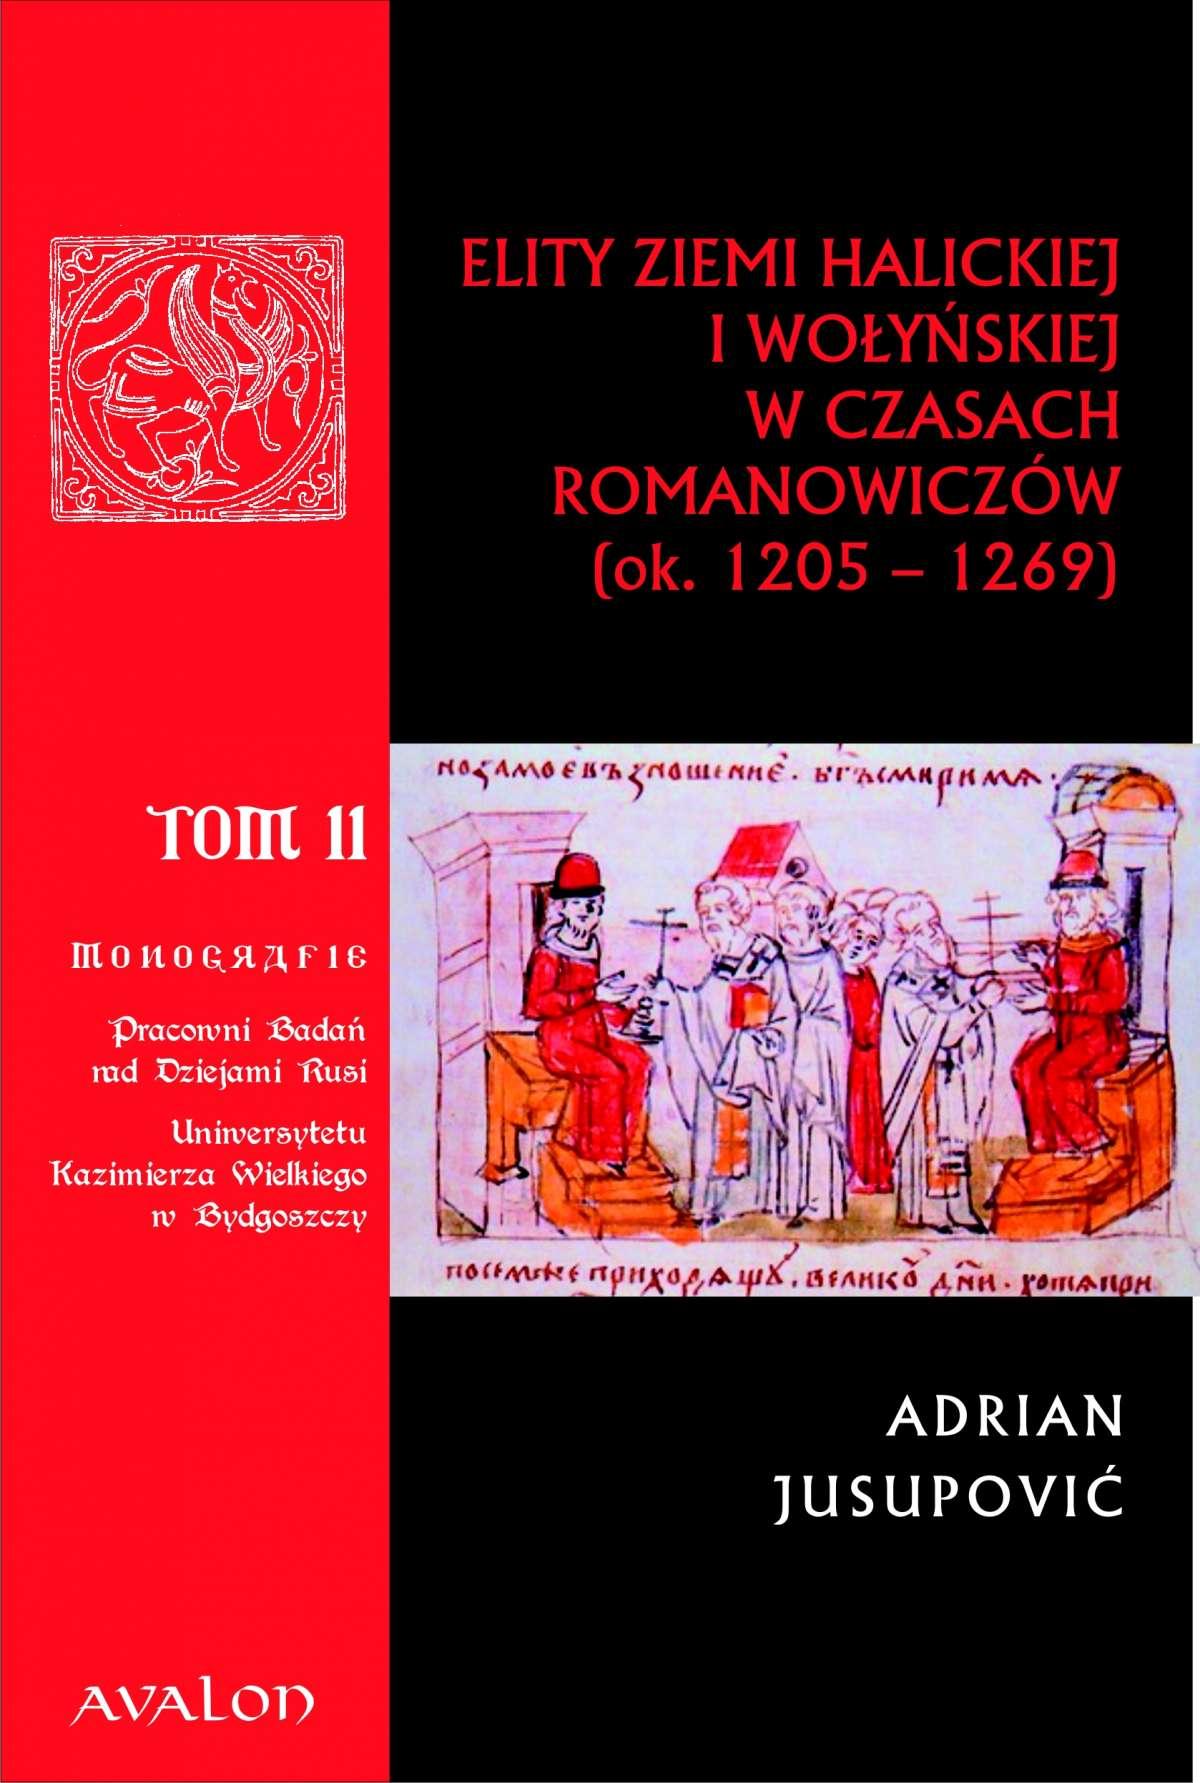 Elity ziemi halickiej i wołyńskiej w czasach Romanowiczów (1205-1269). Studium prozopograficzne - Ebook (Książka PDF) do pobrania w formacie PDF